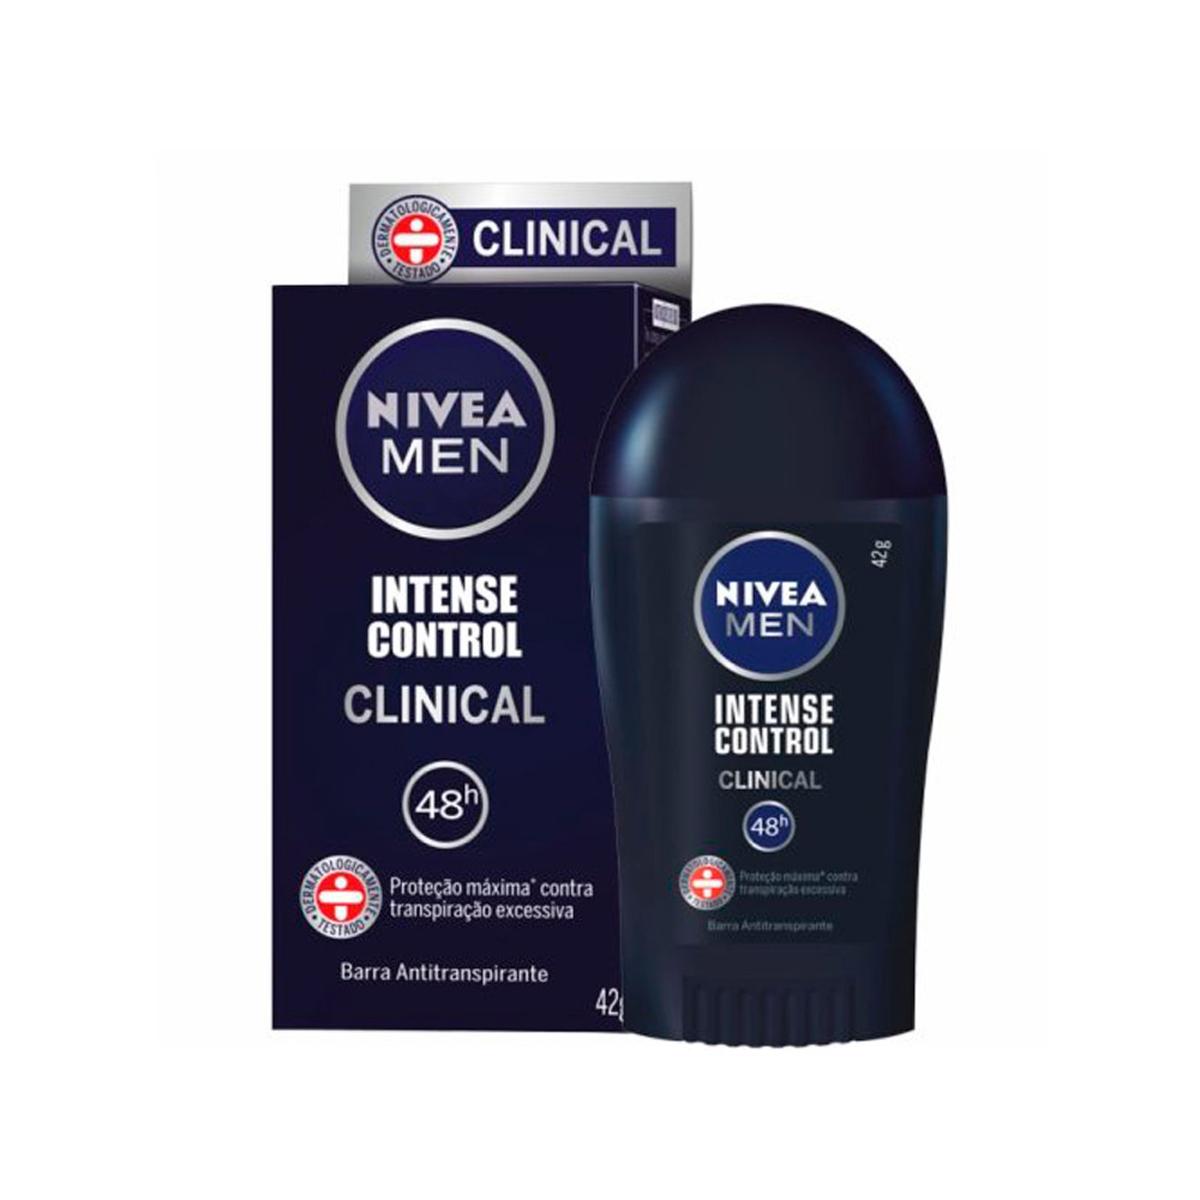 Desodorante Antitranspirante em Barra Nivea Men Clinical Intense Control com 42g 42g